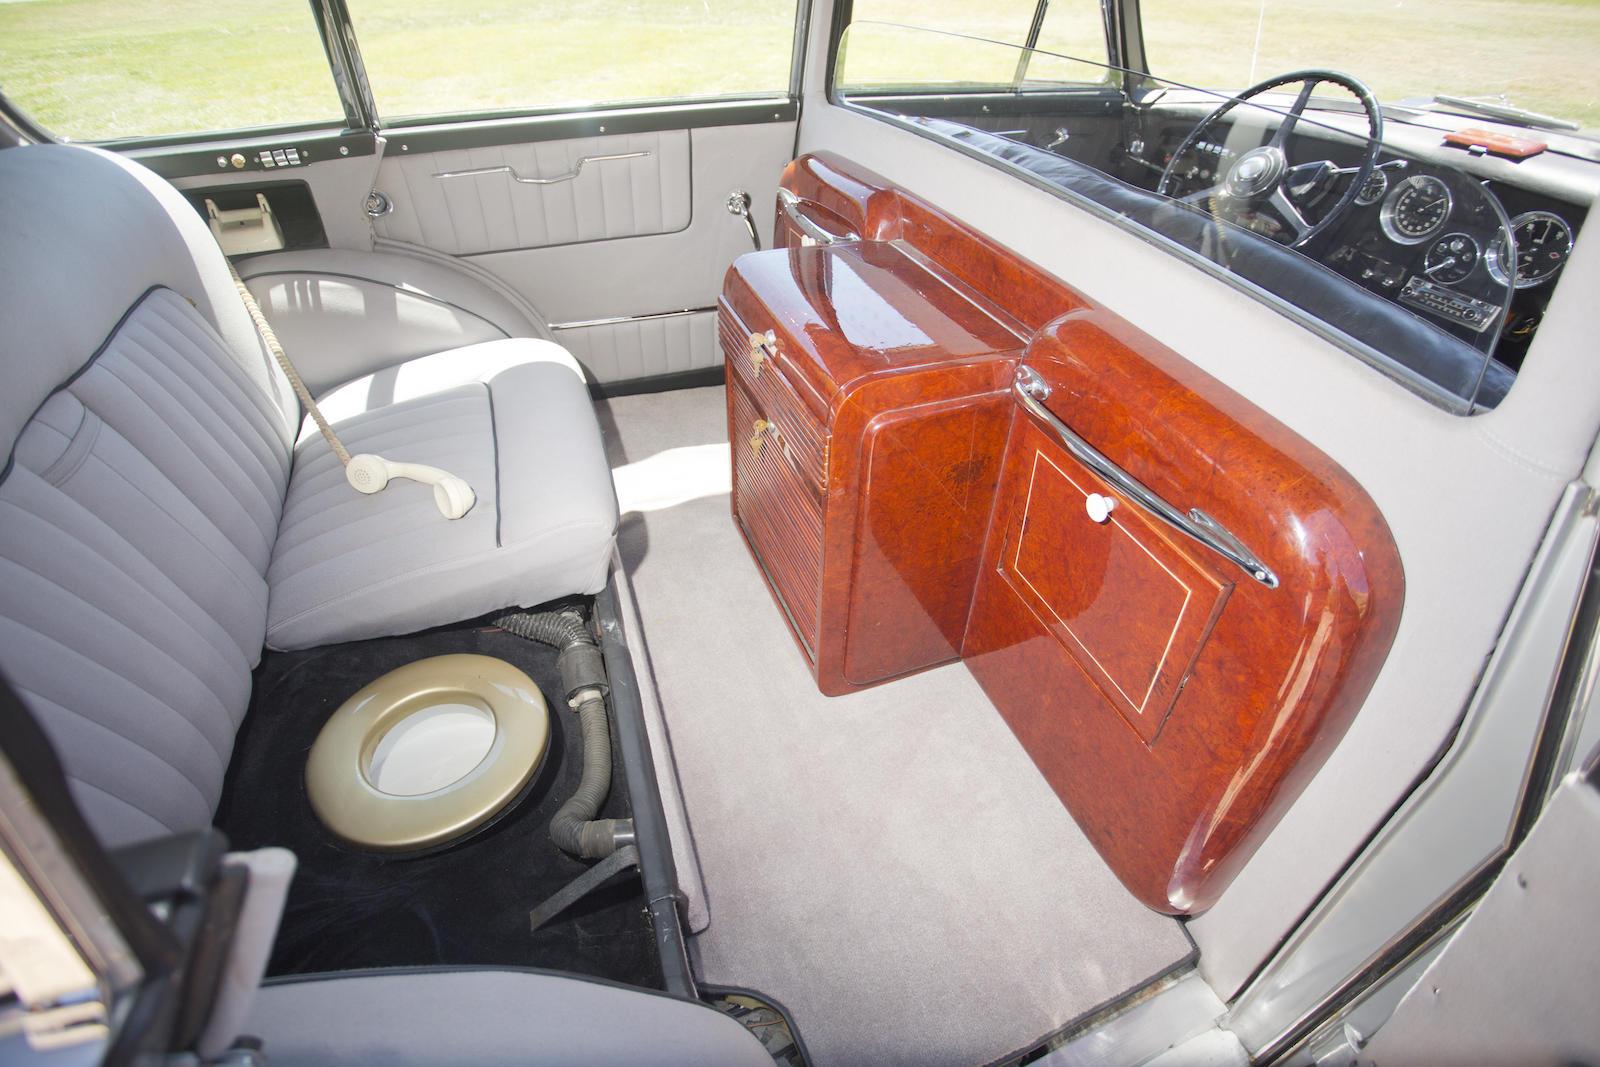 Vignale Rolls-Royce interior